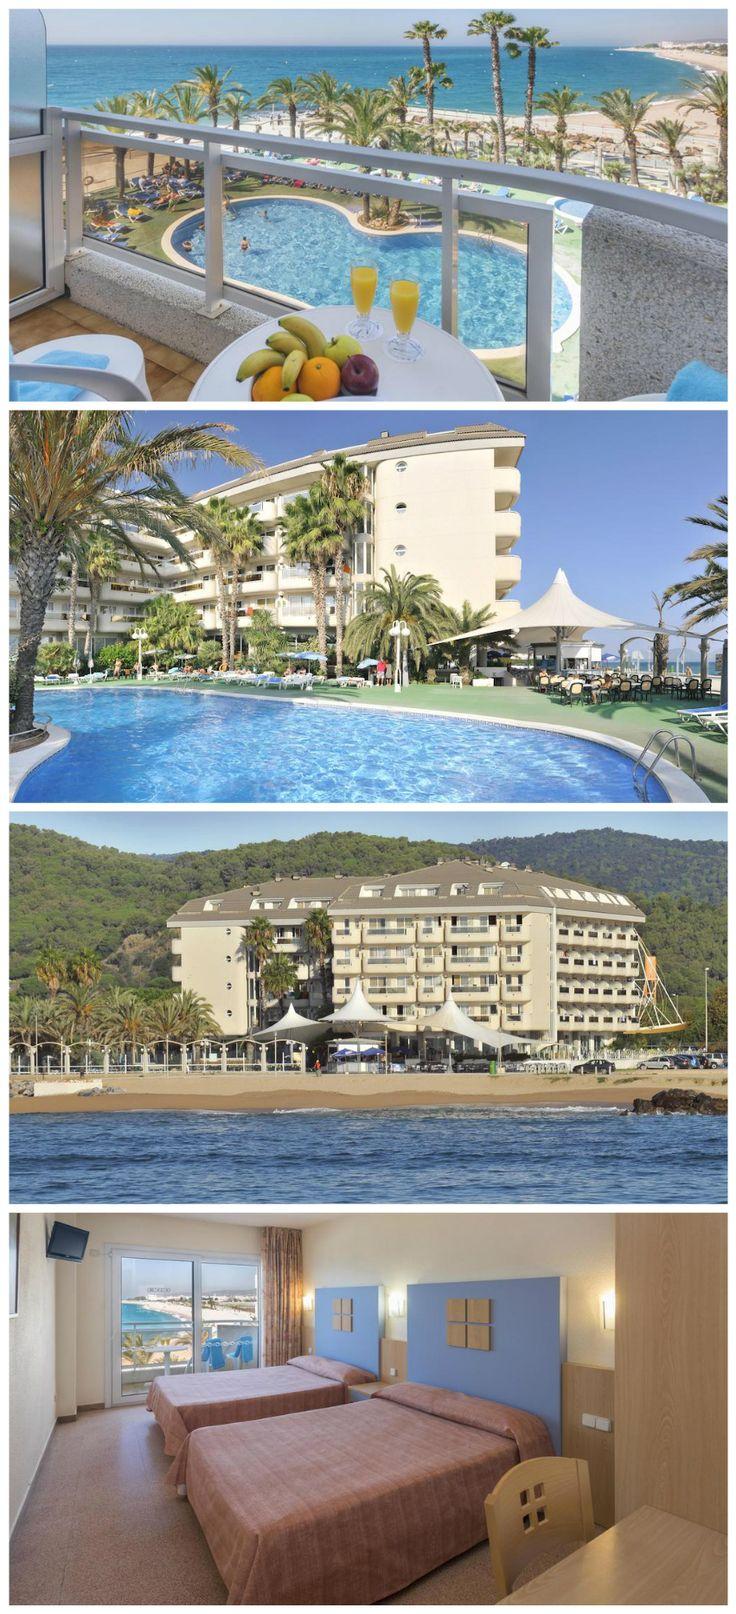 Hotel Caprici**** Spanyolország, Costa del Maresme | Bővebb információ és vélemények a szállodáról. Válaszd ki a legmegfelelőbb időpontot, és foglald le spanyolországi üdülésed! | https://hotel.invia.hu/spanyolorszag/costa-del-maresme/caprici/